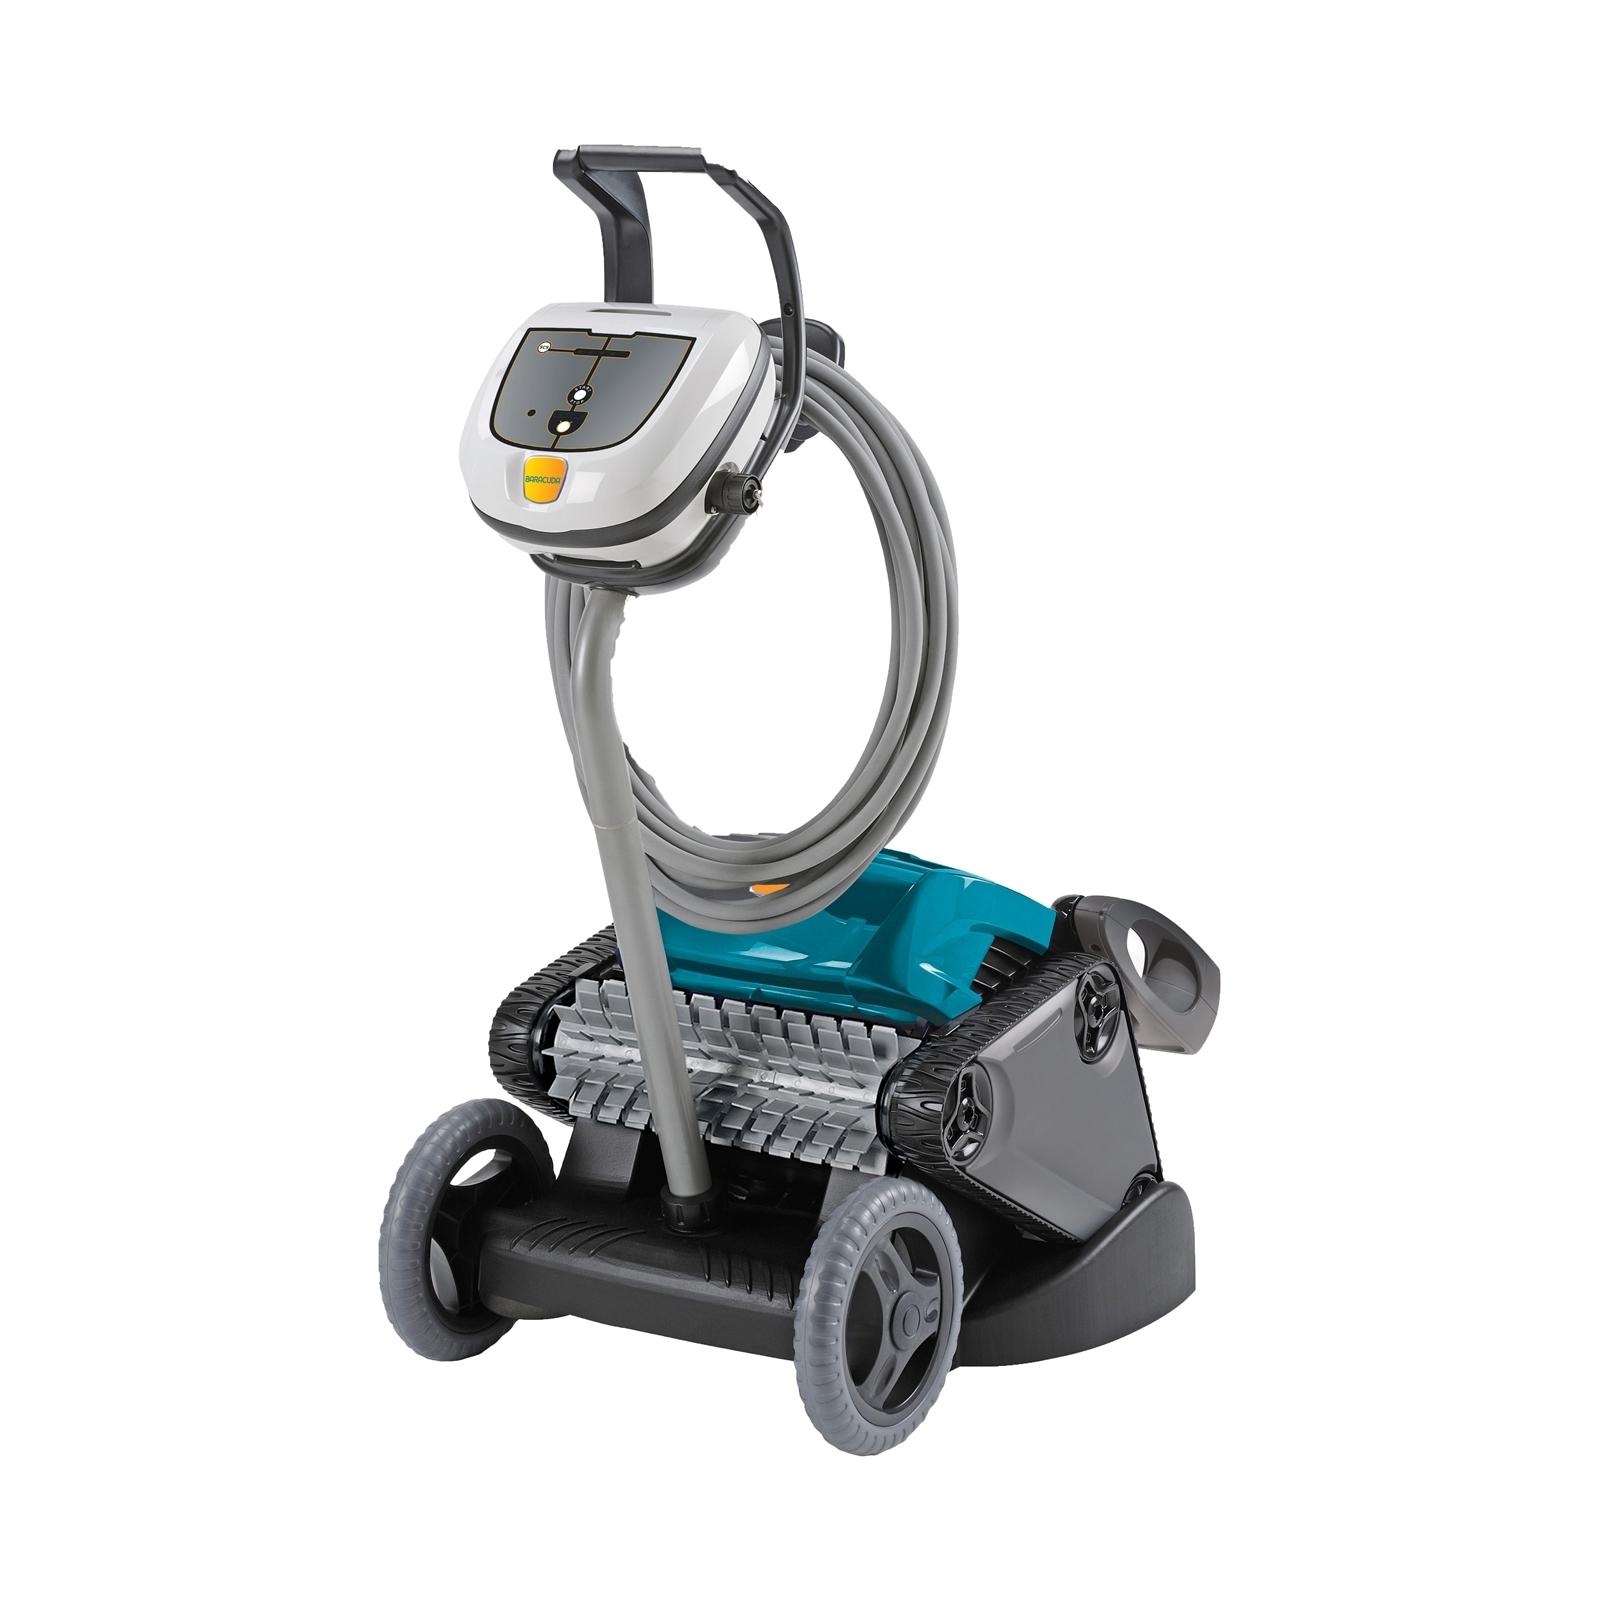 Baracuda Captura Plus Robotic Pool Cleaner